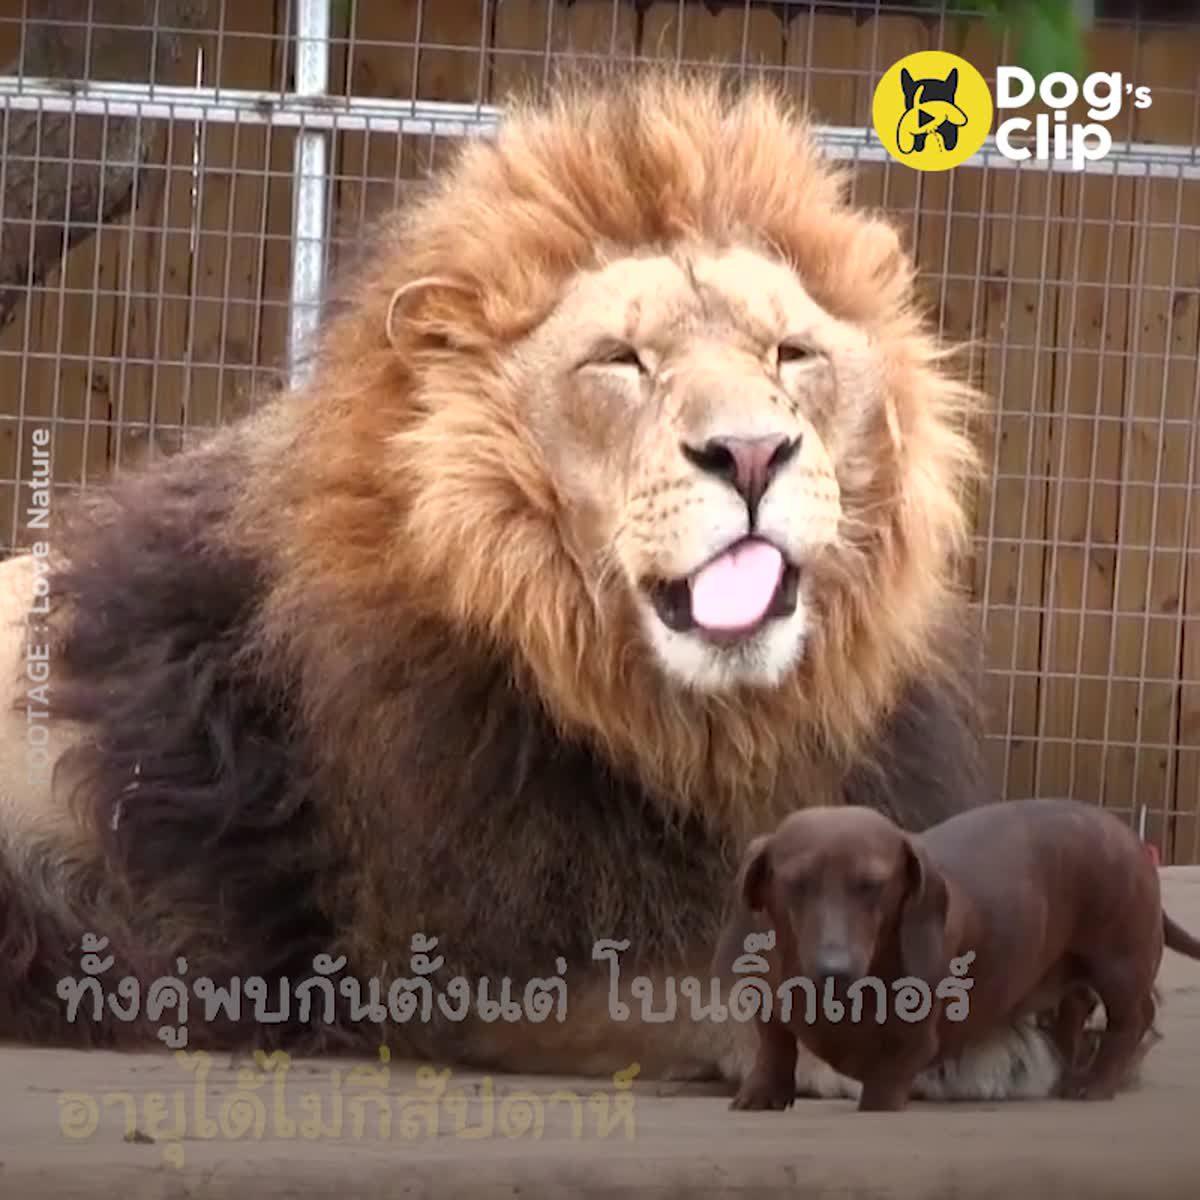 มิตรภาพไม่จำกัดสายพันธุ์ เมื่อน้องหมาเป็นเพื่อนซี้กับสิงโต